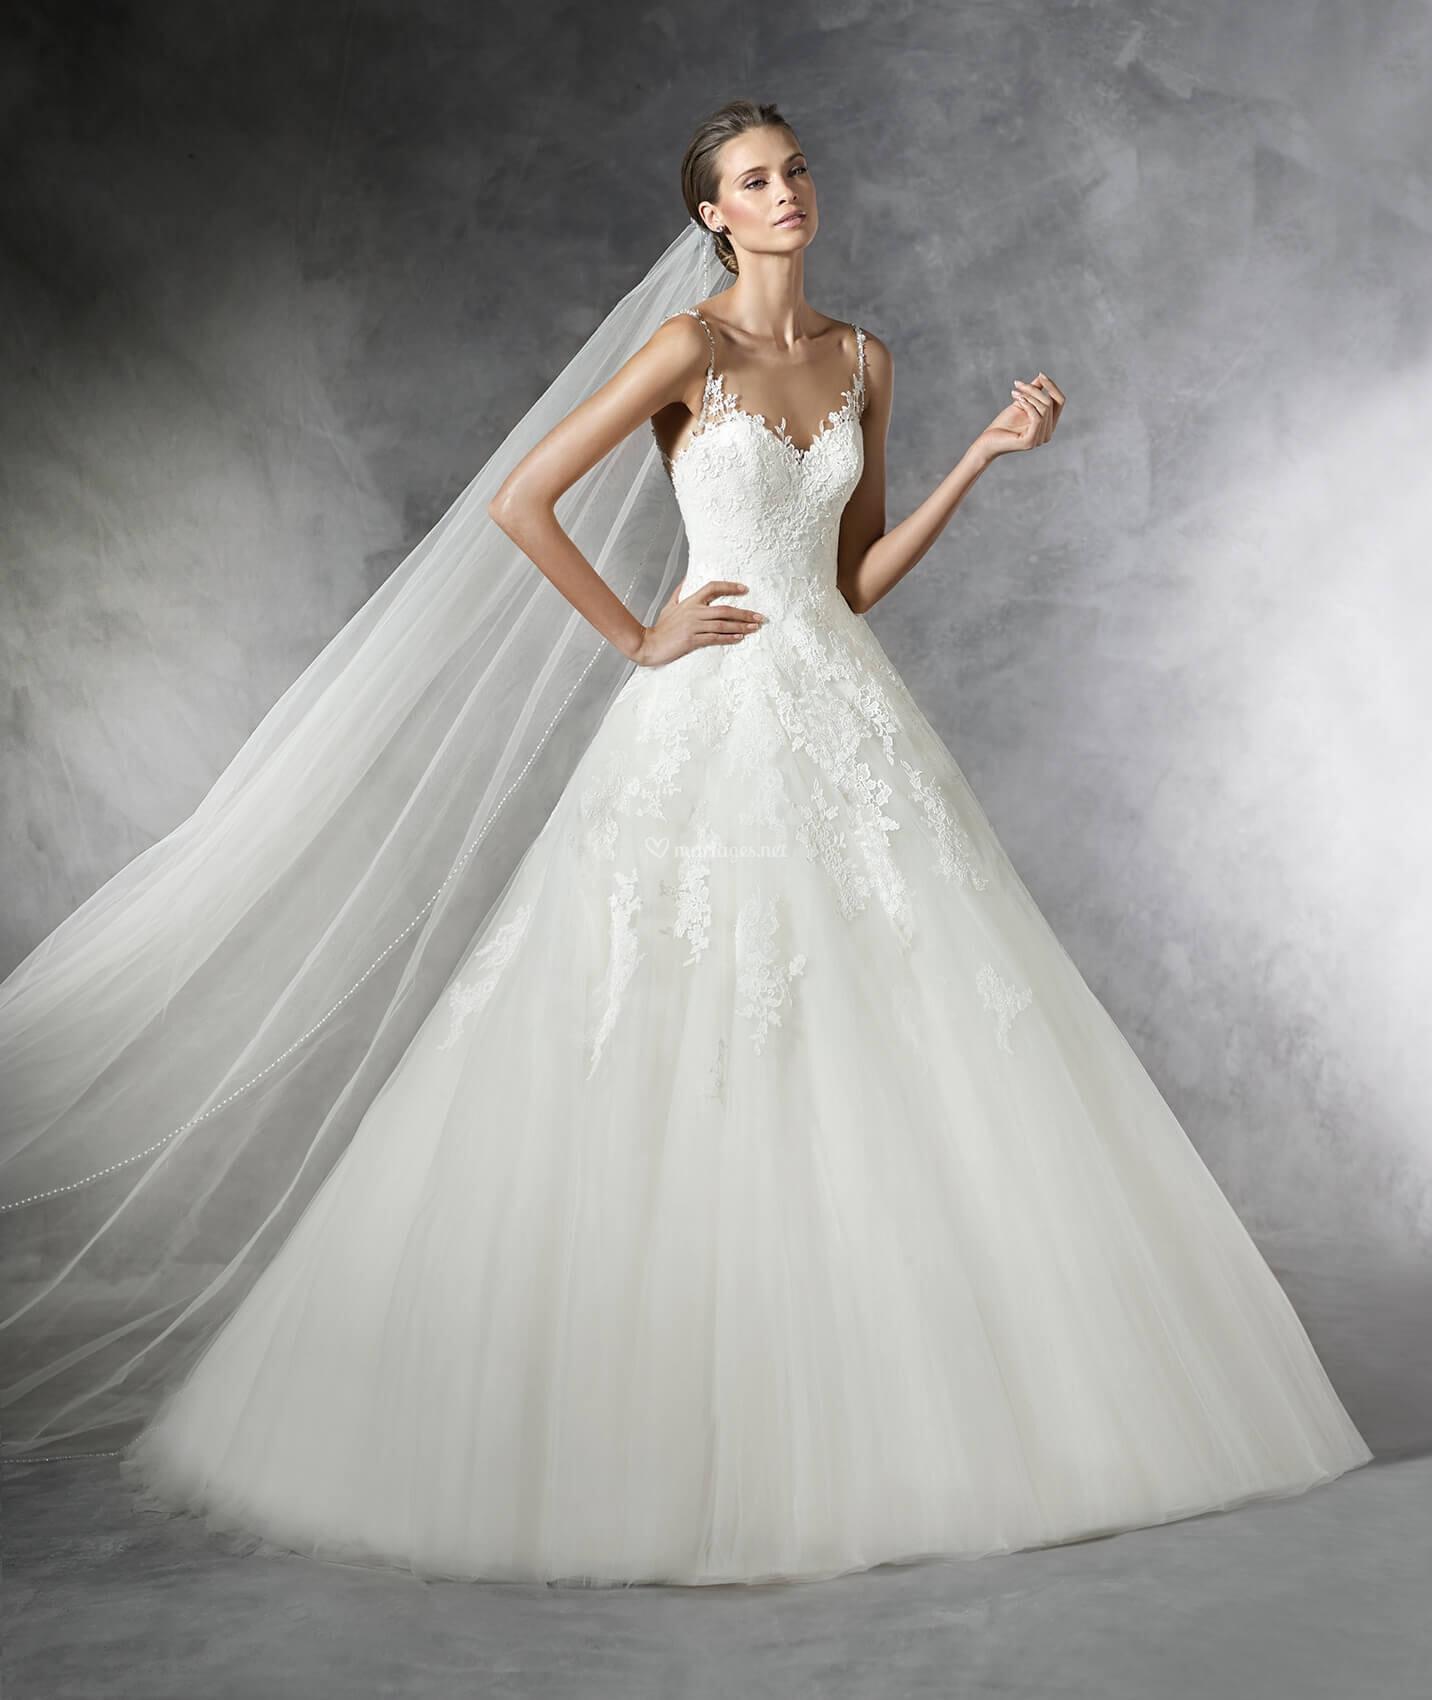 recherche de véritables réel classé large choix de couleurs Robes de mariée sur Pronovias - PRALA - Mariages.net